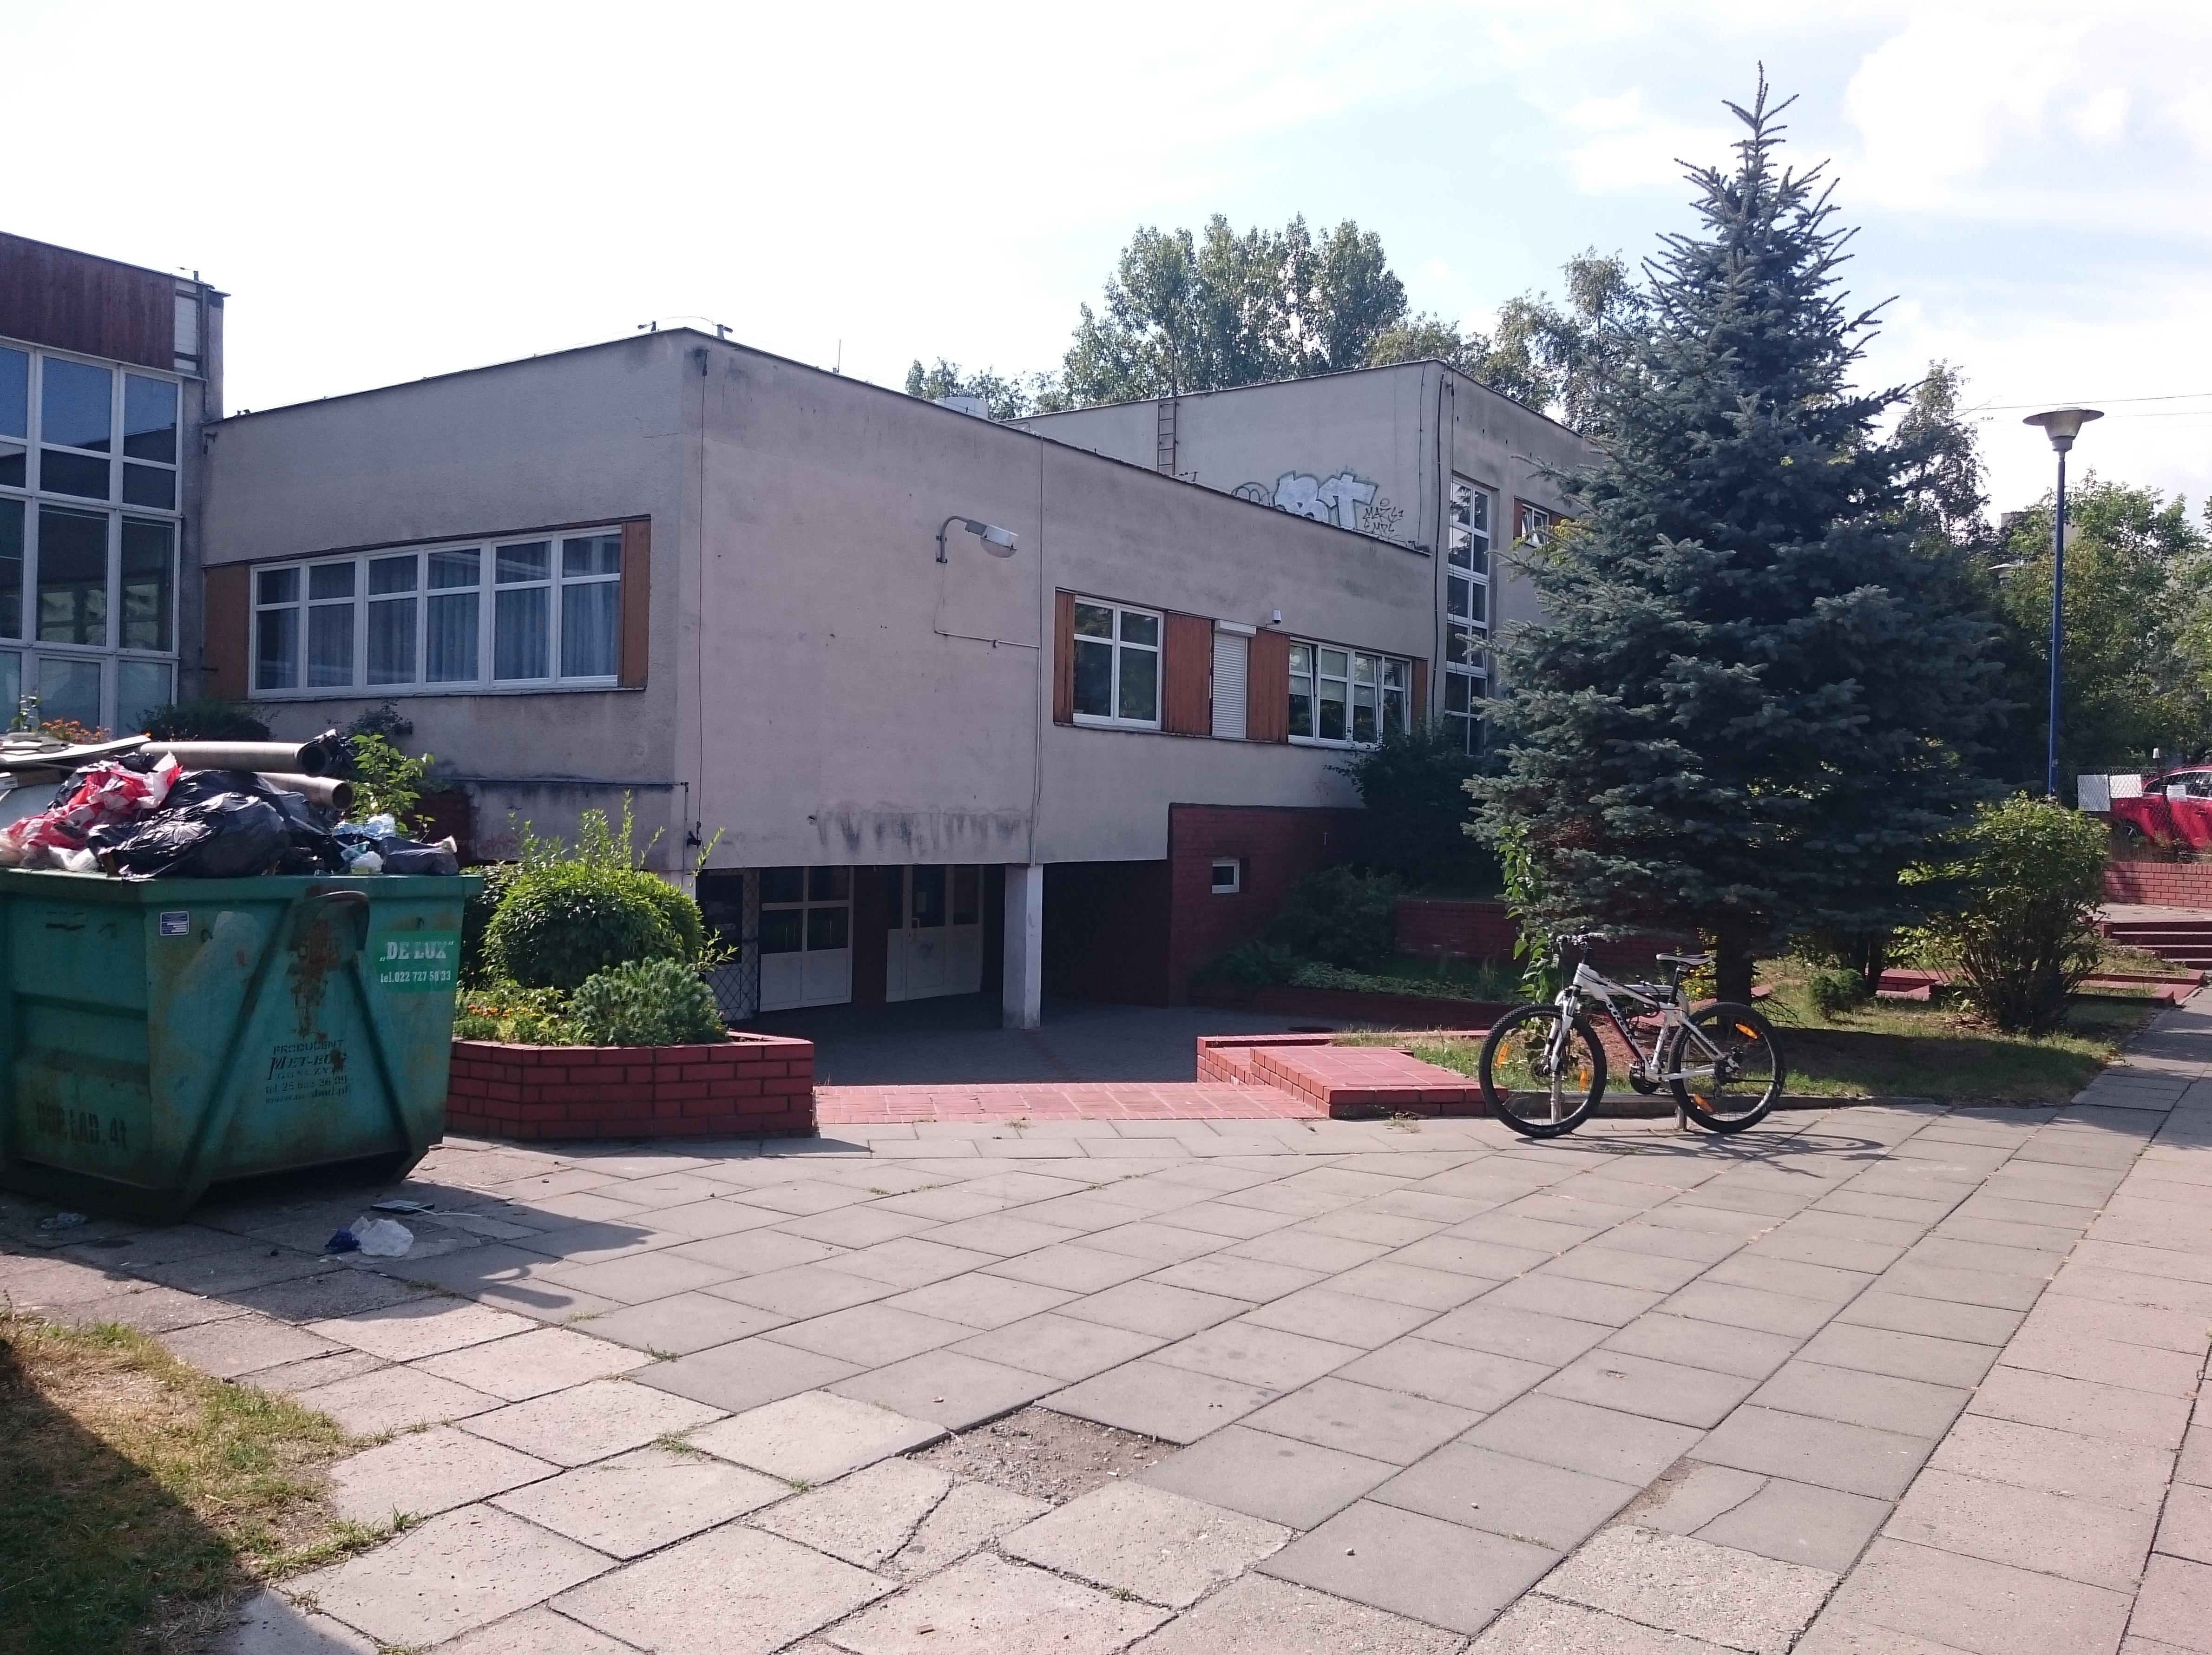 Szkoła Podstawowa nr 310 im. Michała Byliny